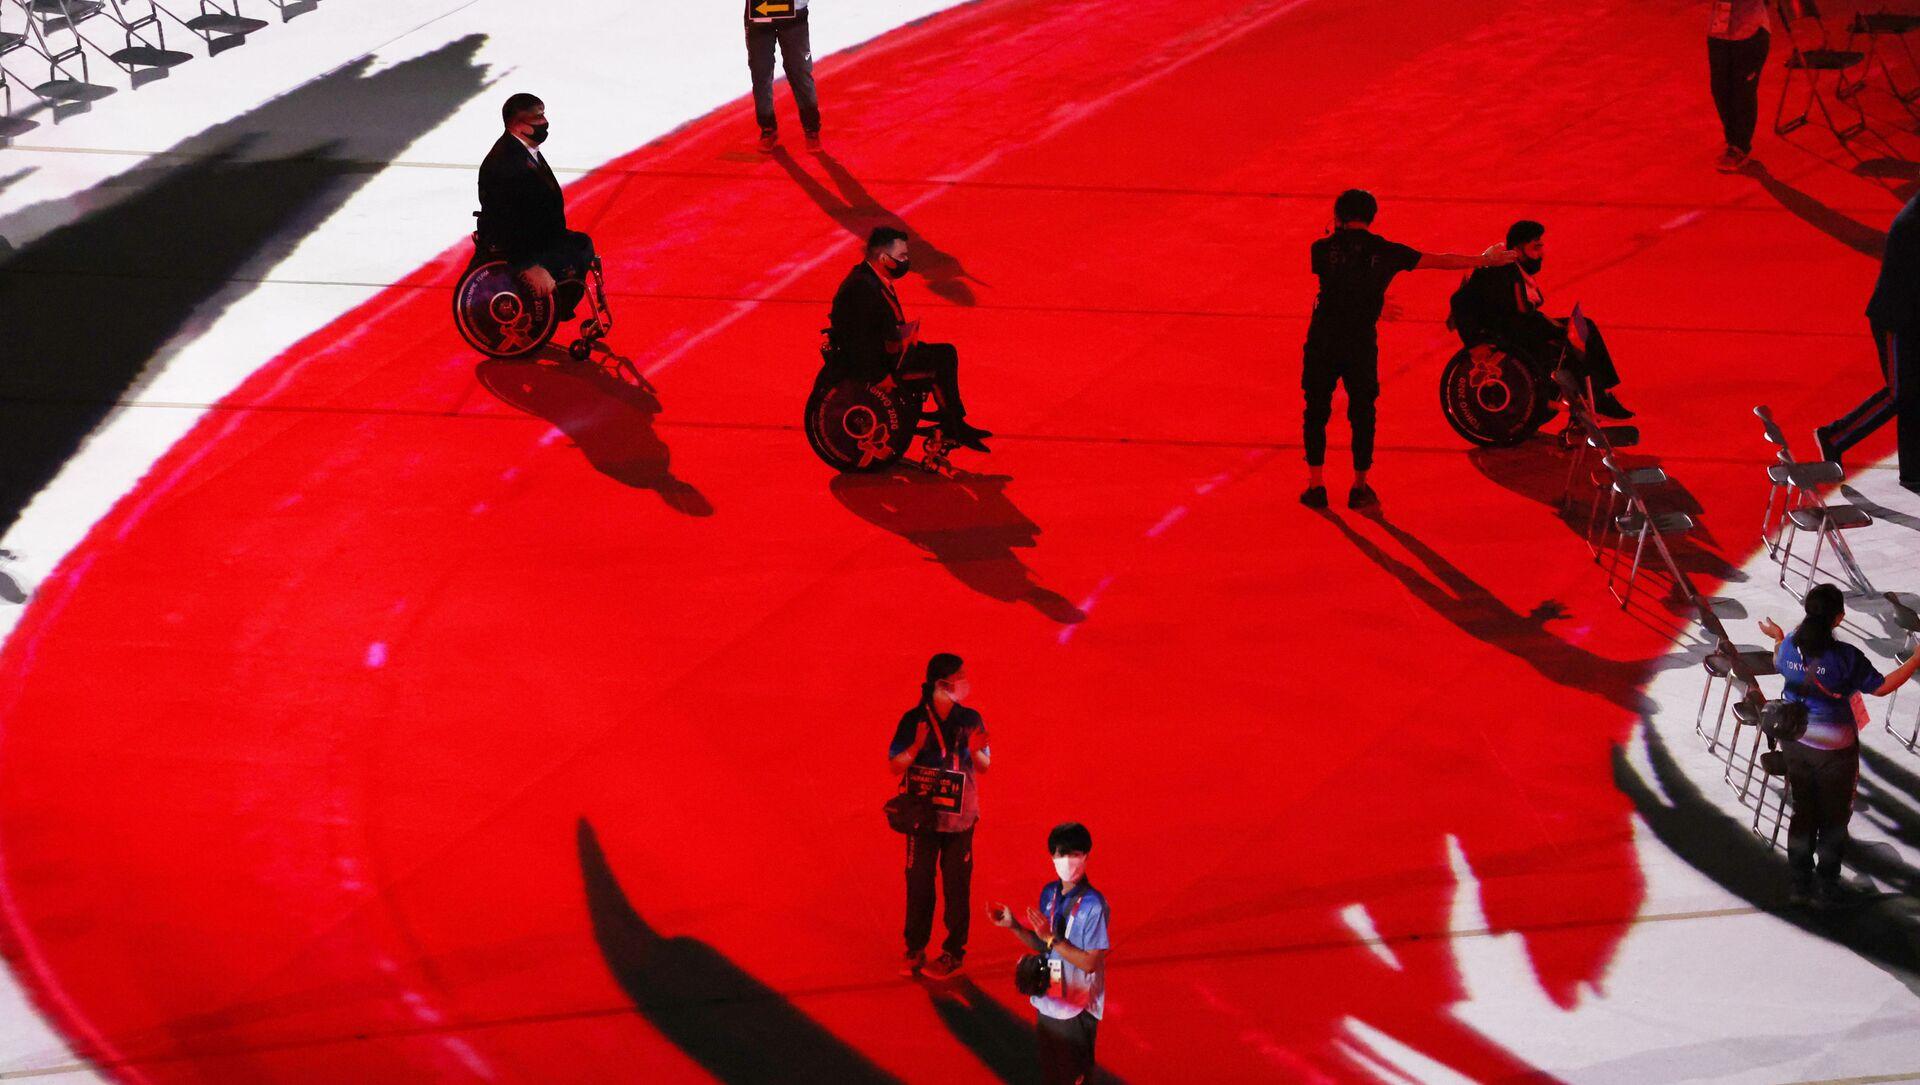 Азербайджанские спортсмены во время парада на церемонии открытия Паралимпийских игр 2020 года в Токио - Sputnik Azərbaycan, 1920, 05.09.2021